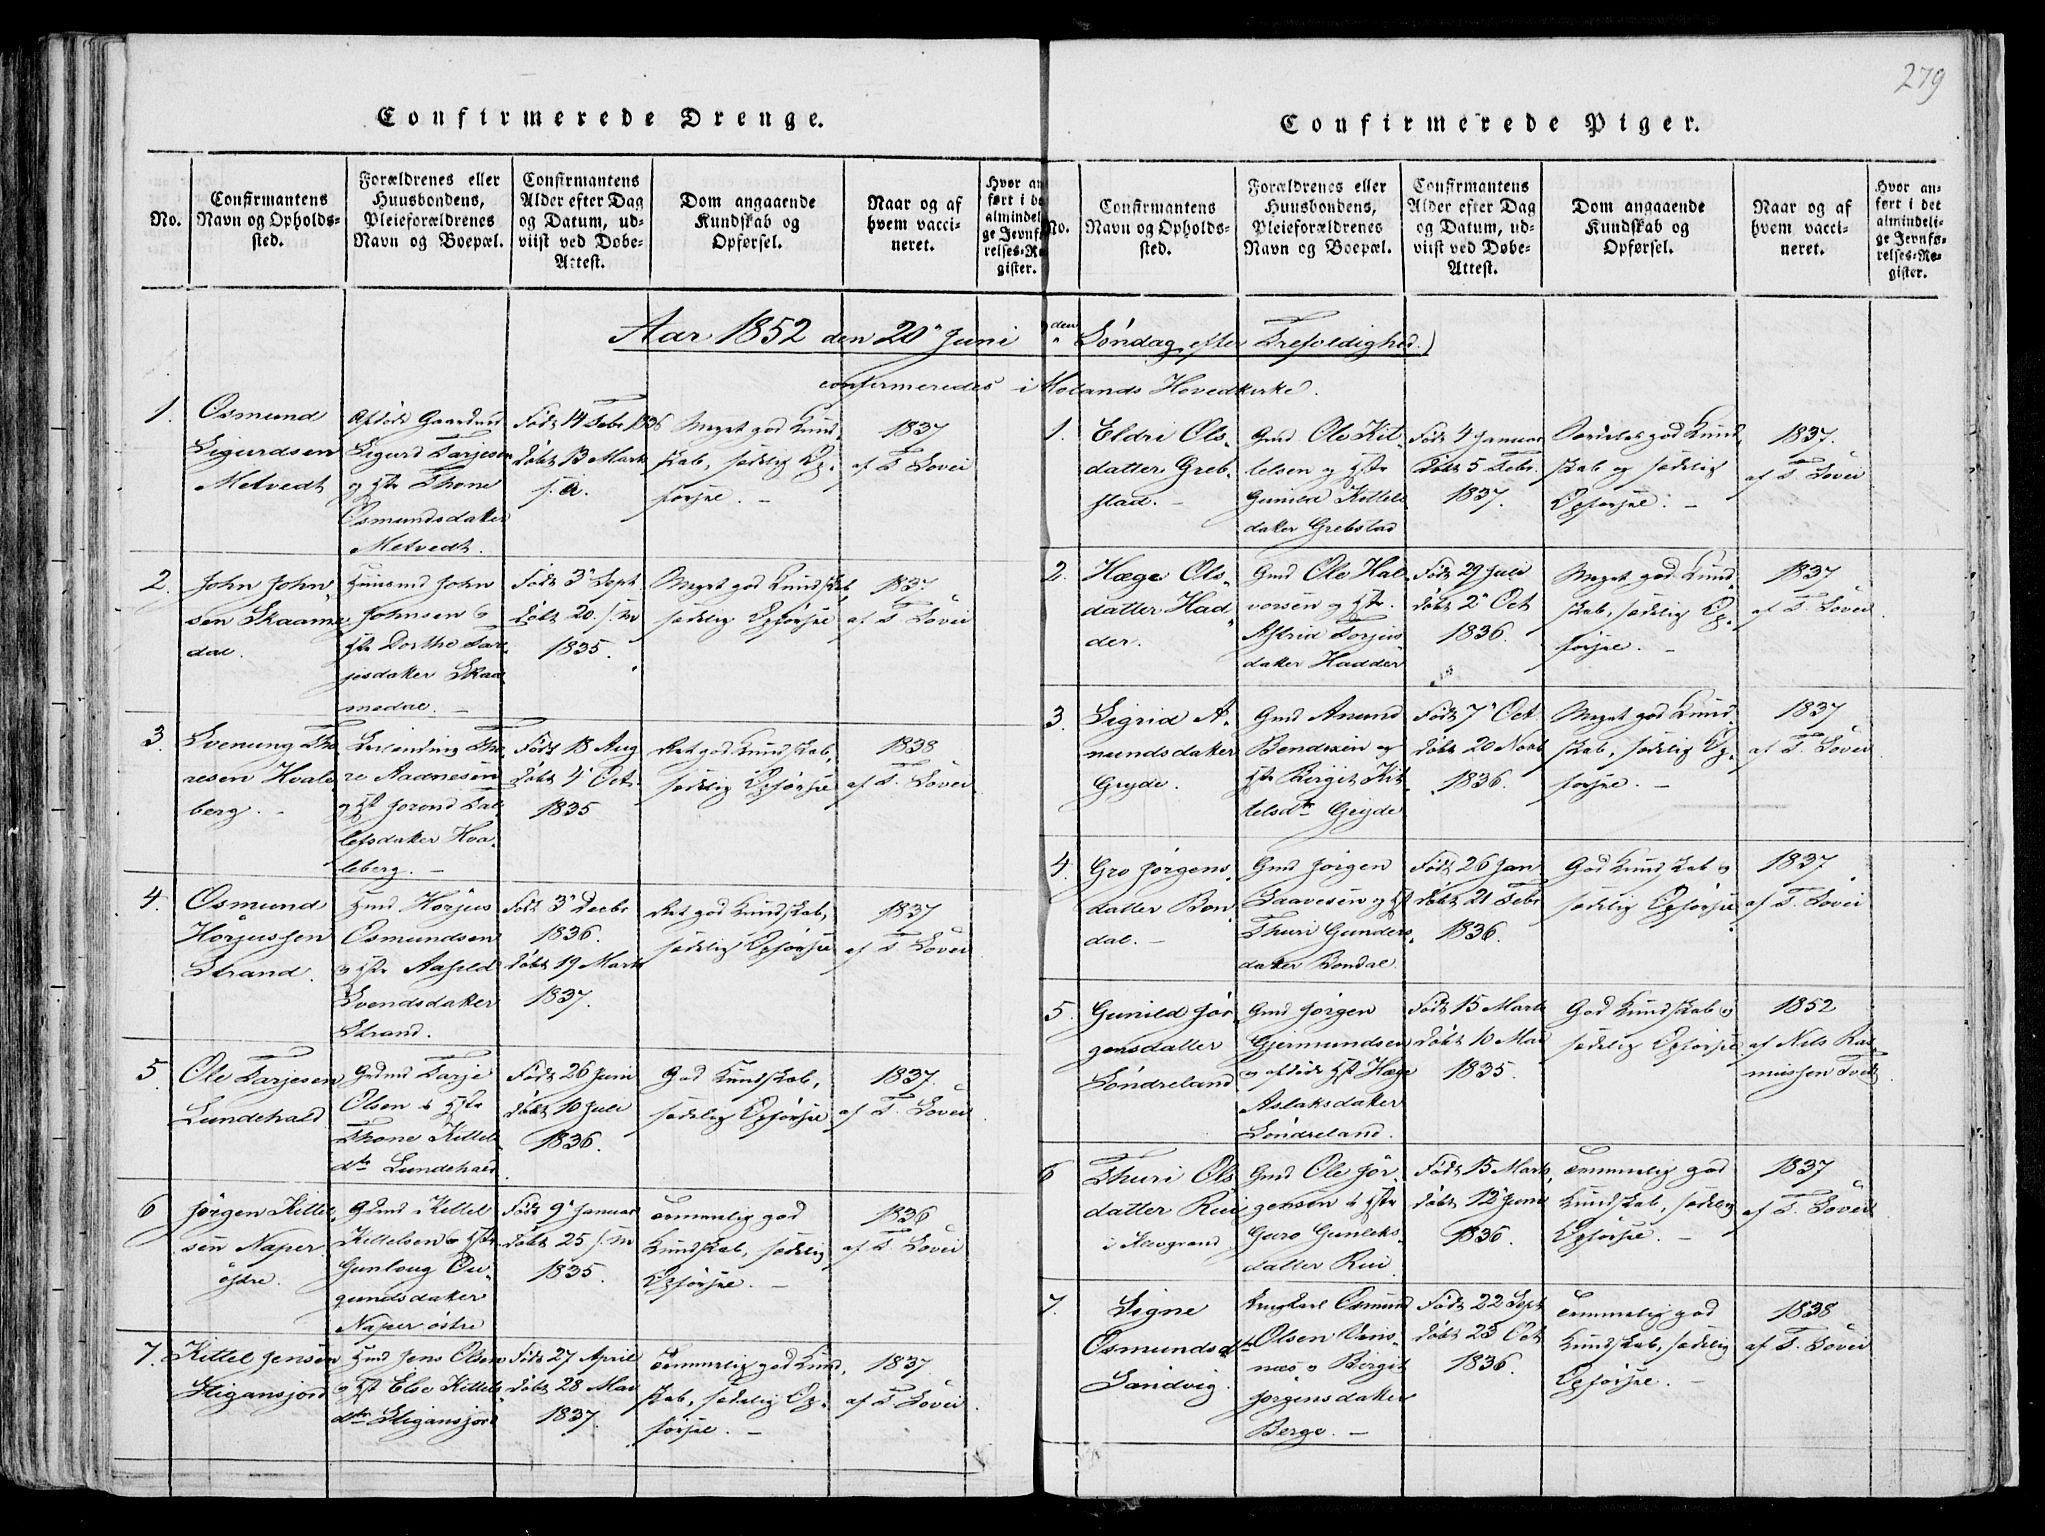 SAKO, Fyresdal kirkebøker, F/Fa/L0004: Ministerialbok nr. I 4, 1815-1854, s. 279